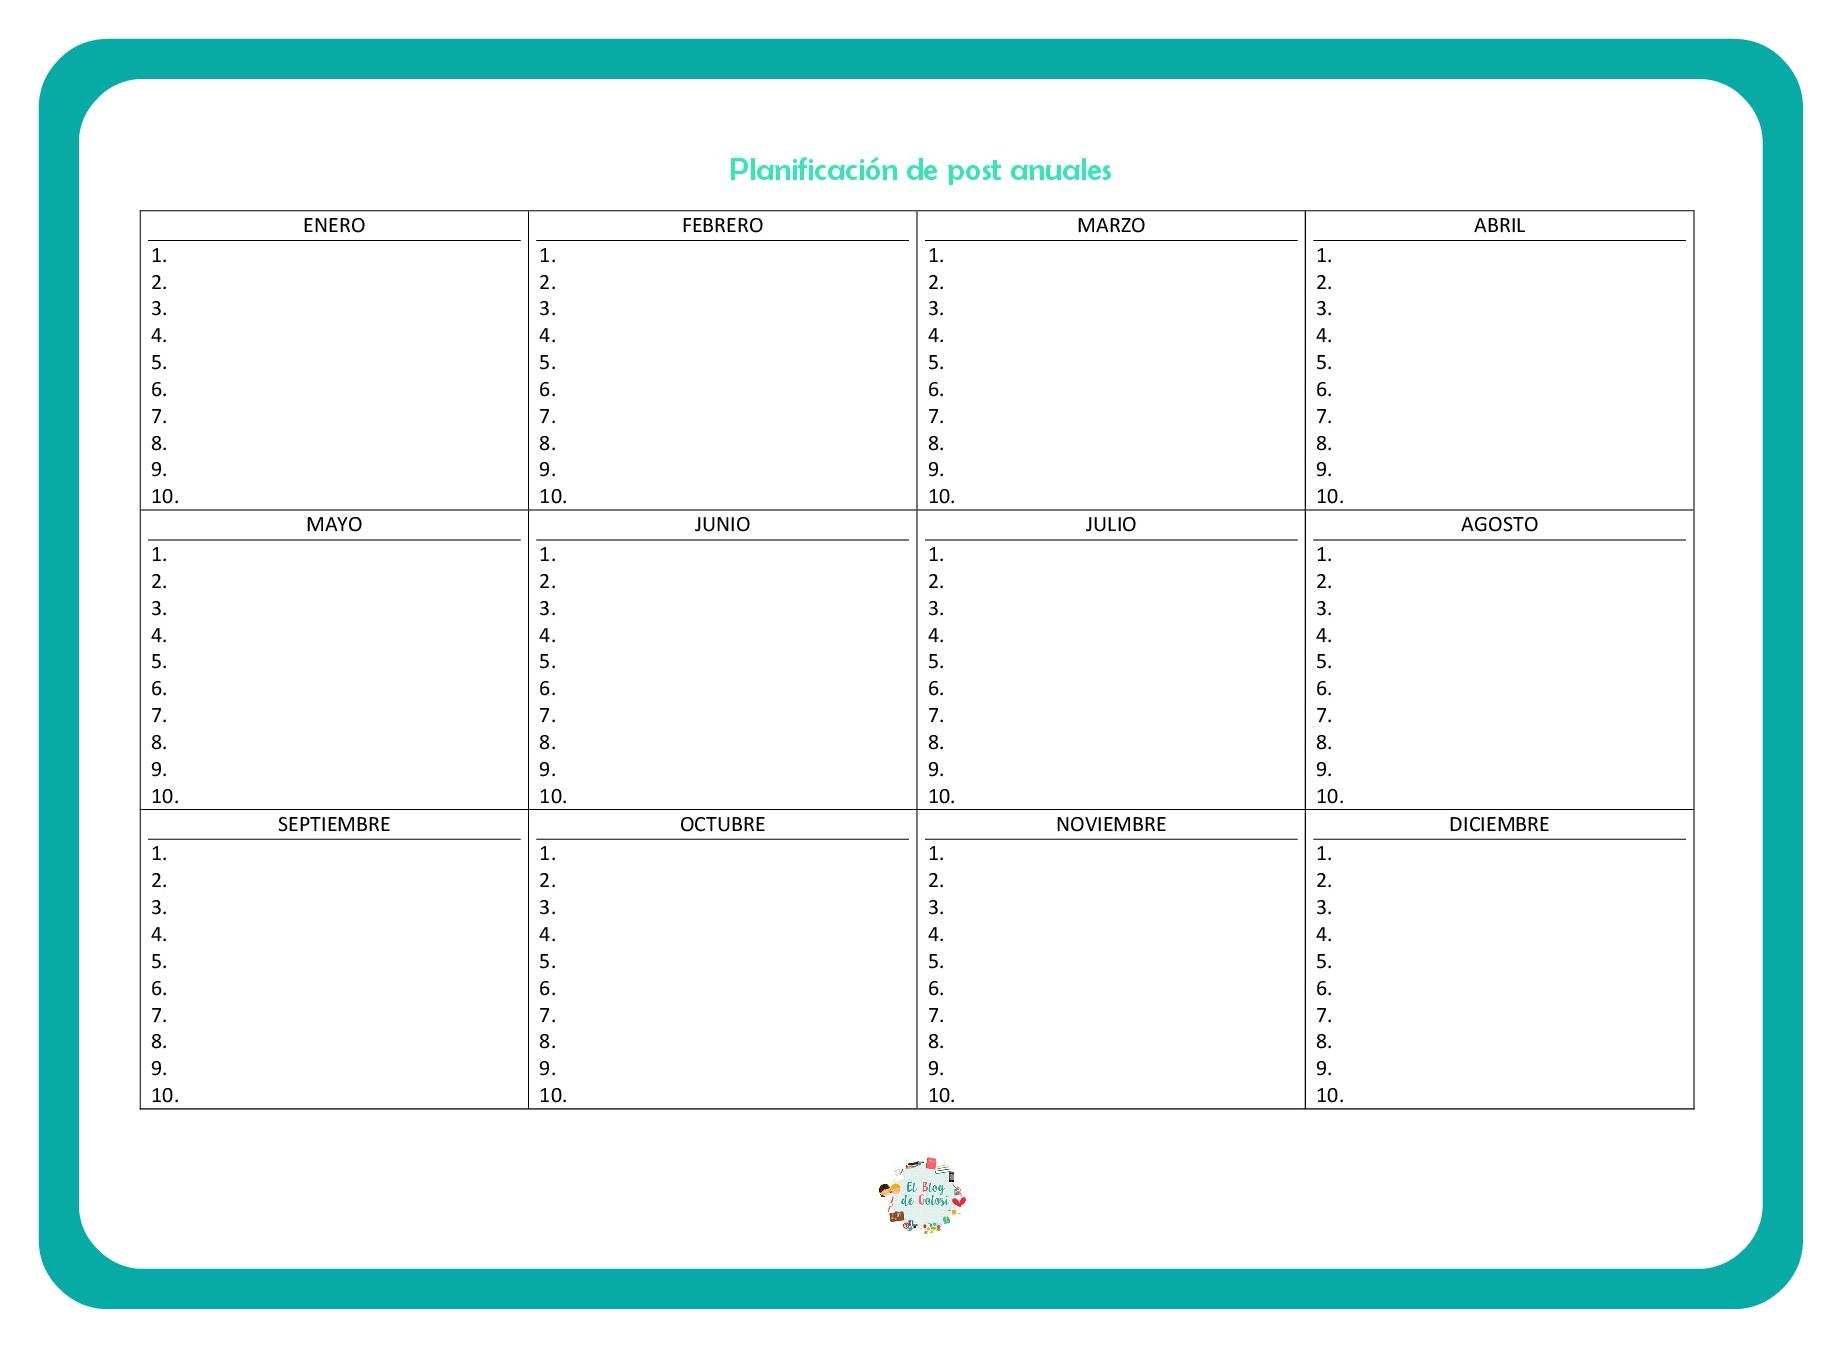 Plantilla planificación anual de post para el blog